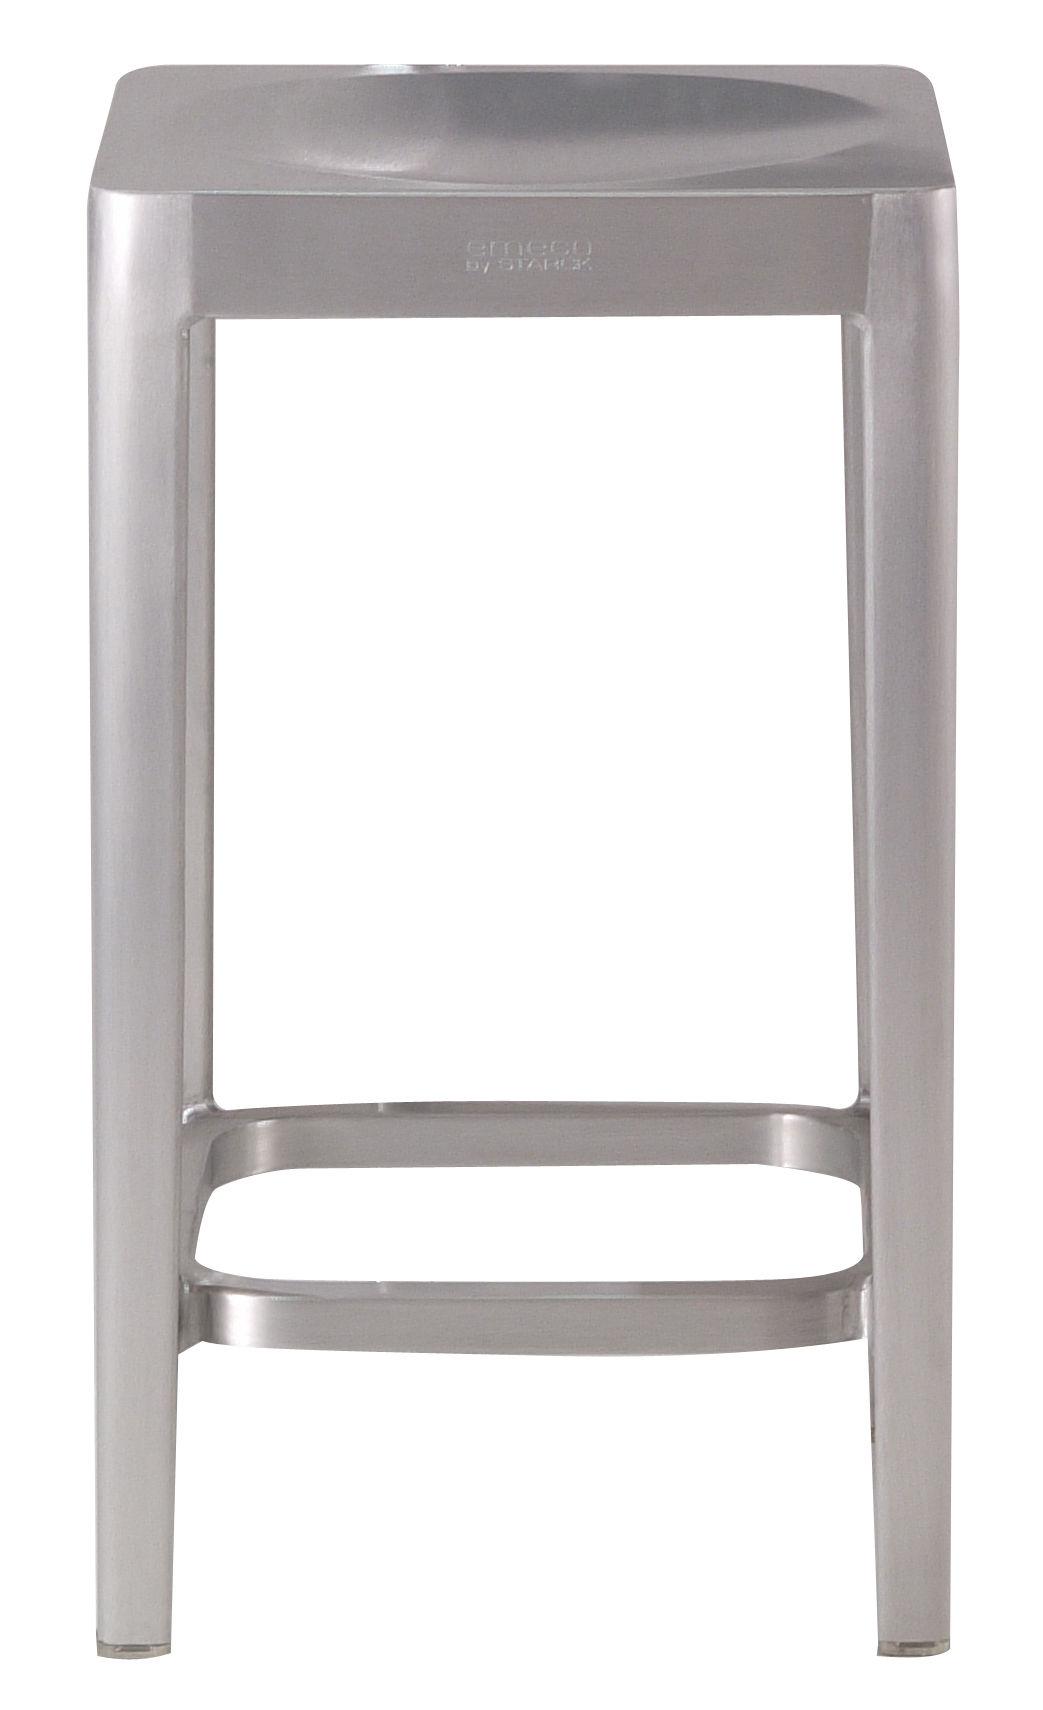 Arredamento - Sgabelli da bar  - Sgabello bar Outdoor - h 61 cm di Emeco - Alluminio opaco - Aluminium recyclé